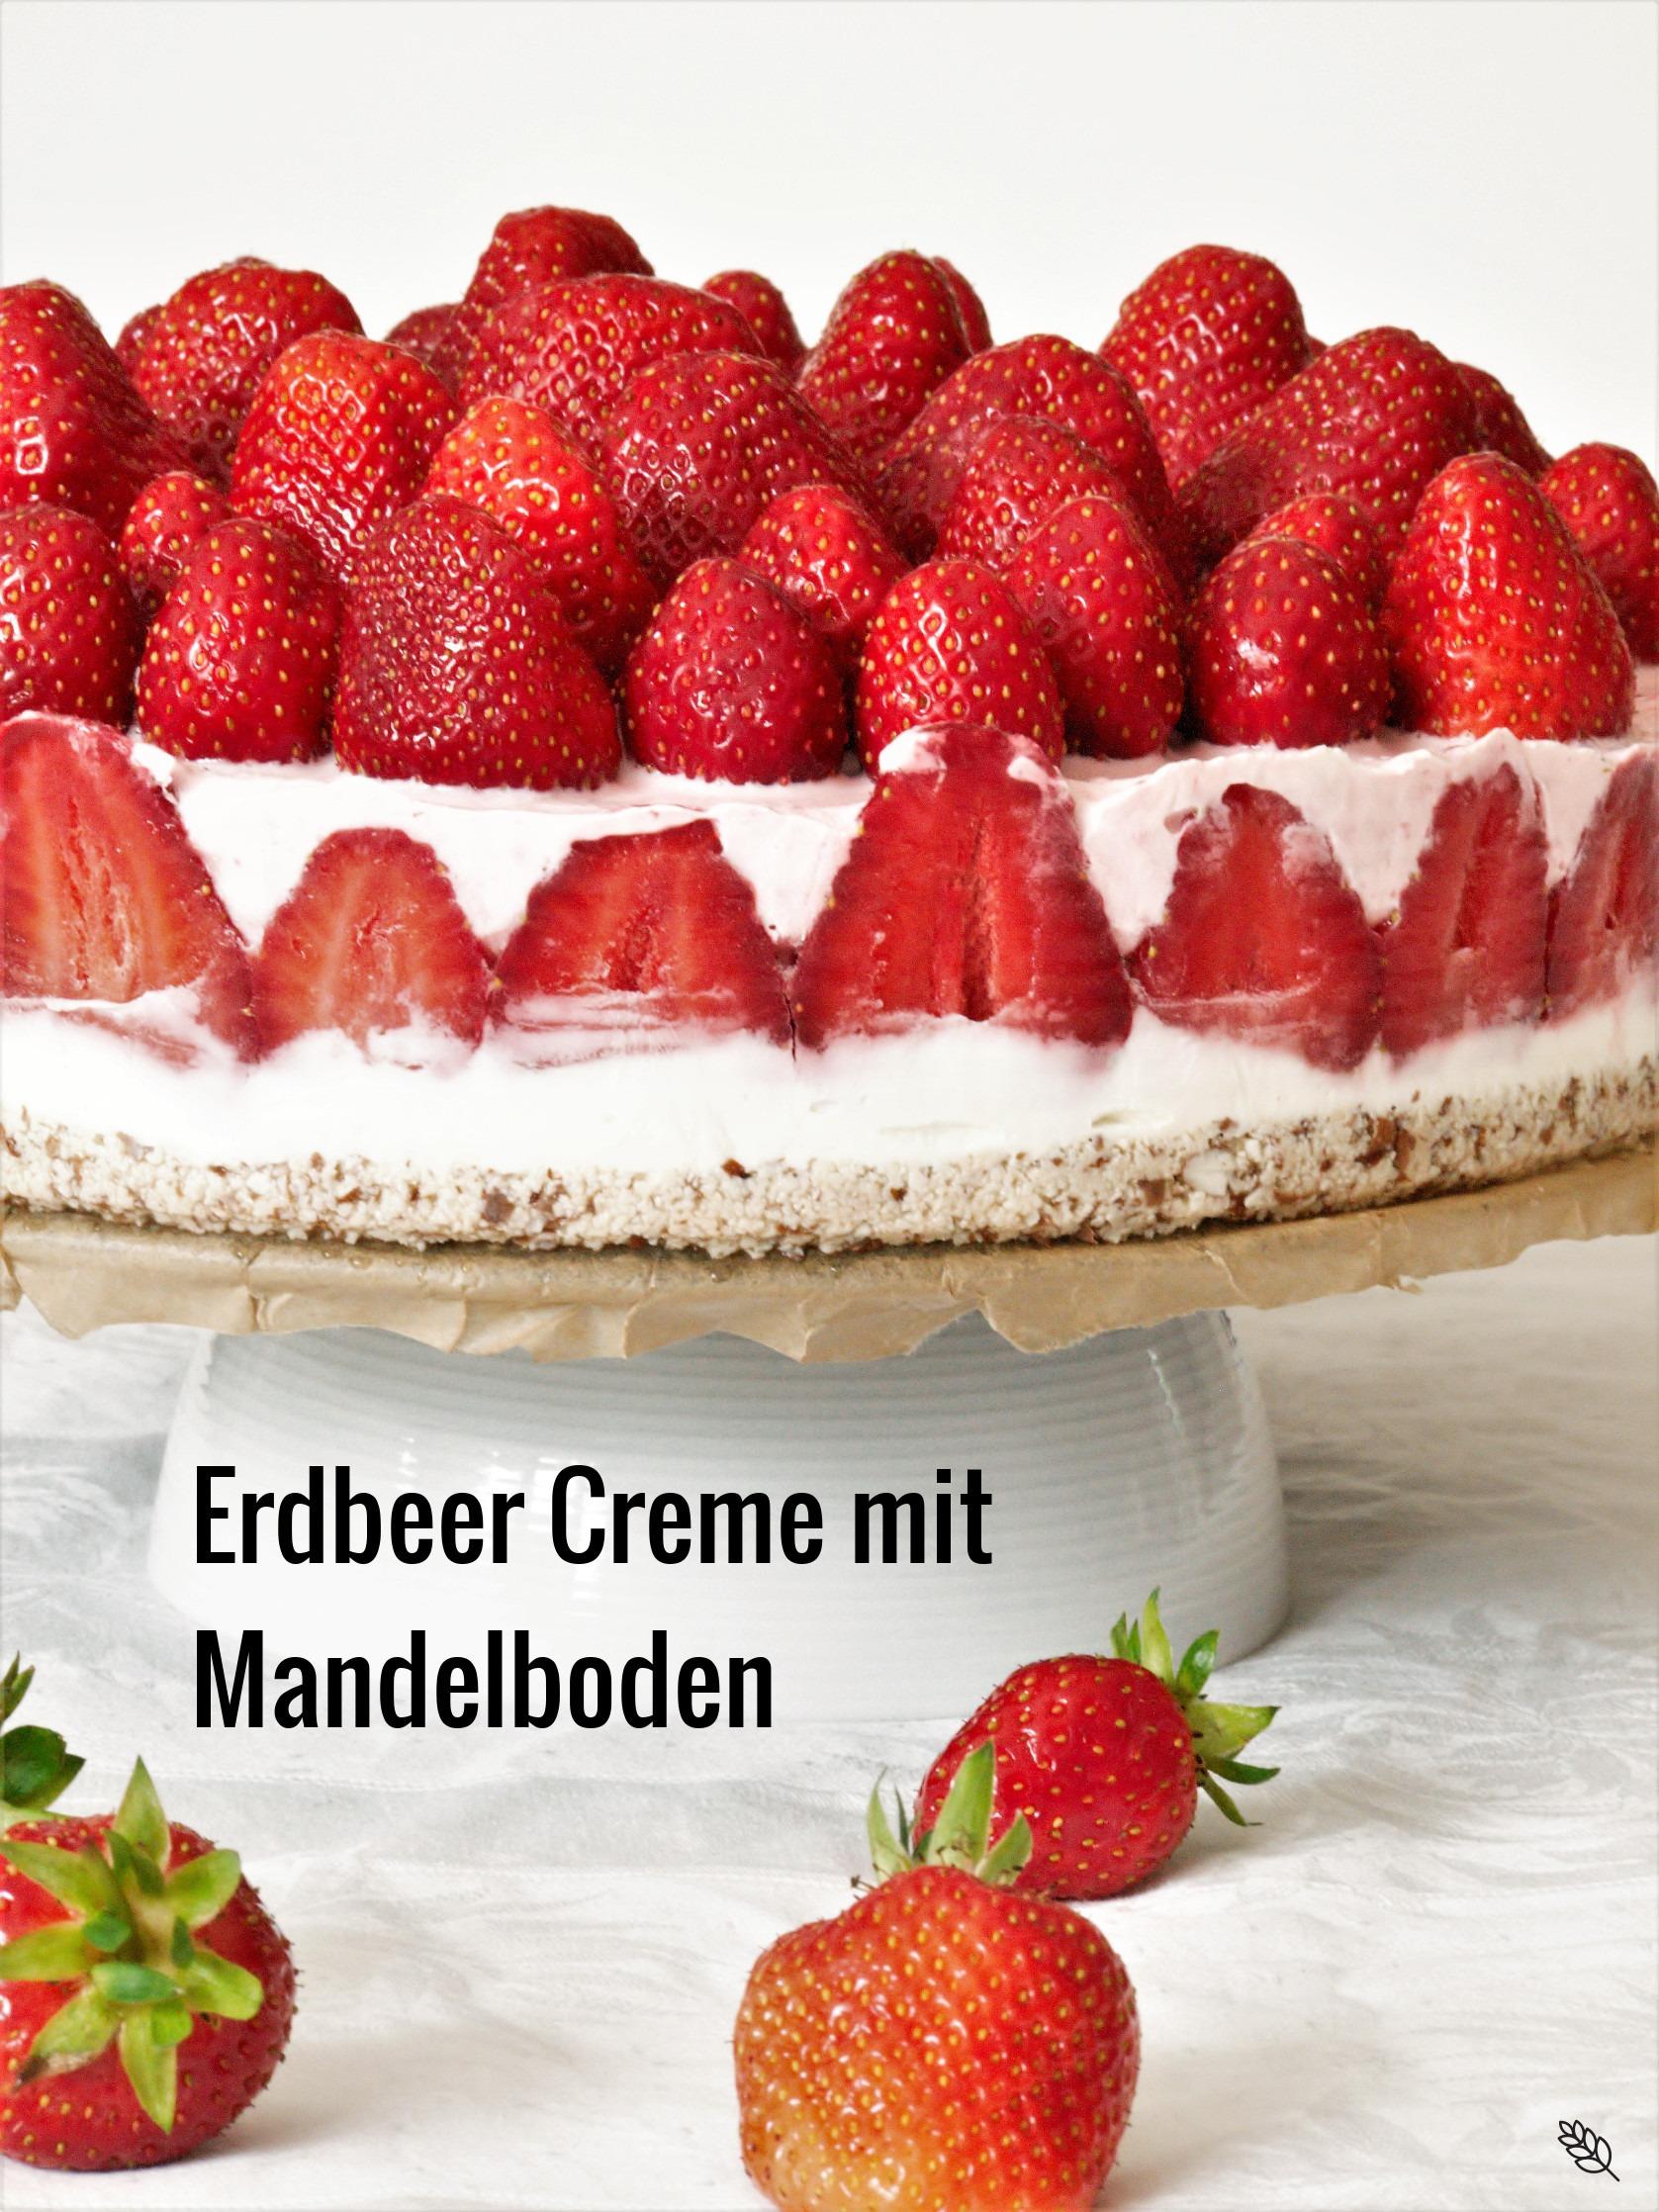 Erdbeer Creme mit Mandelboden oder Kuchen ohne backen2